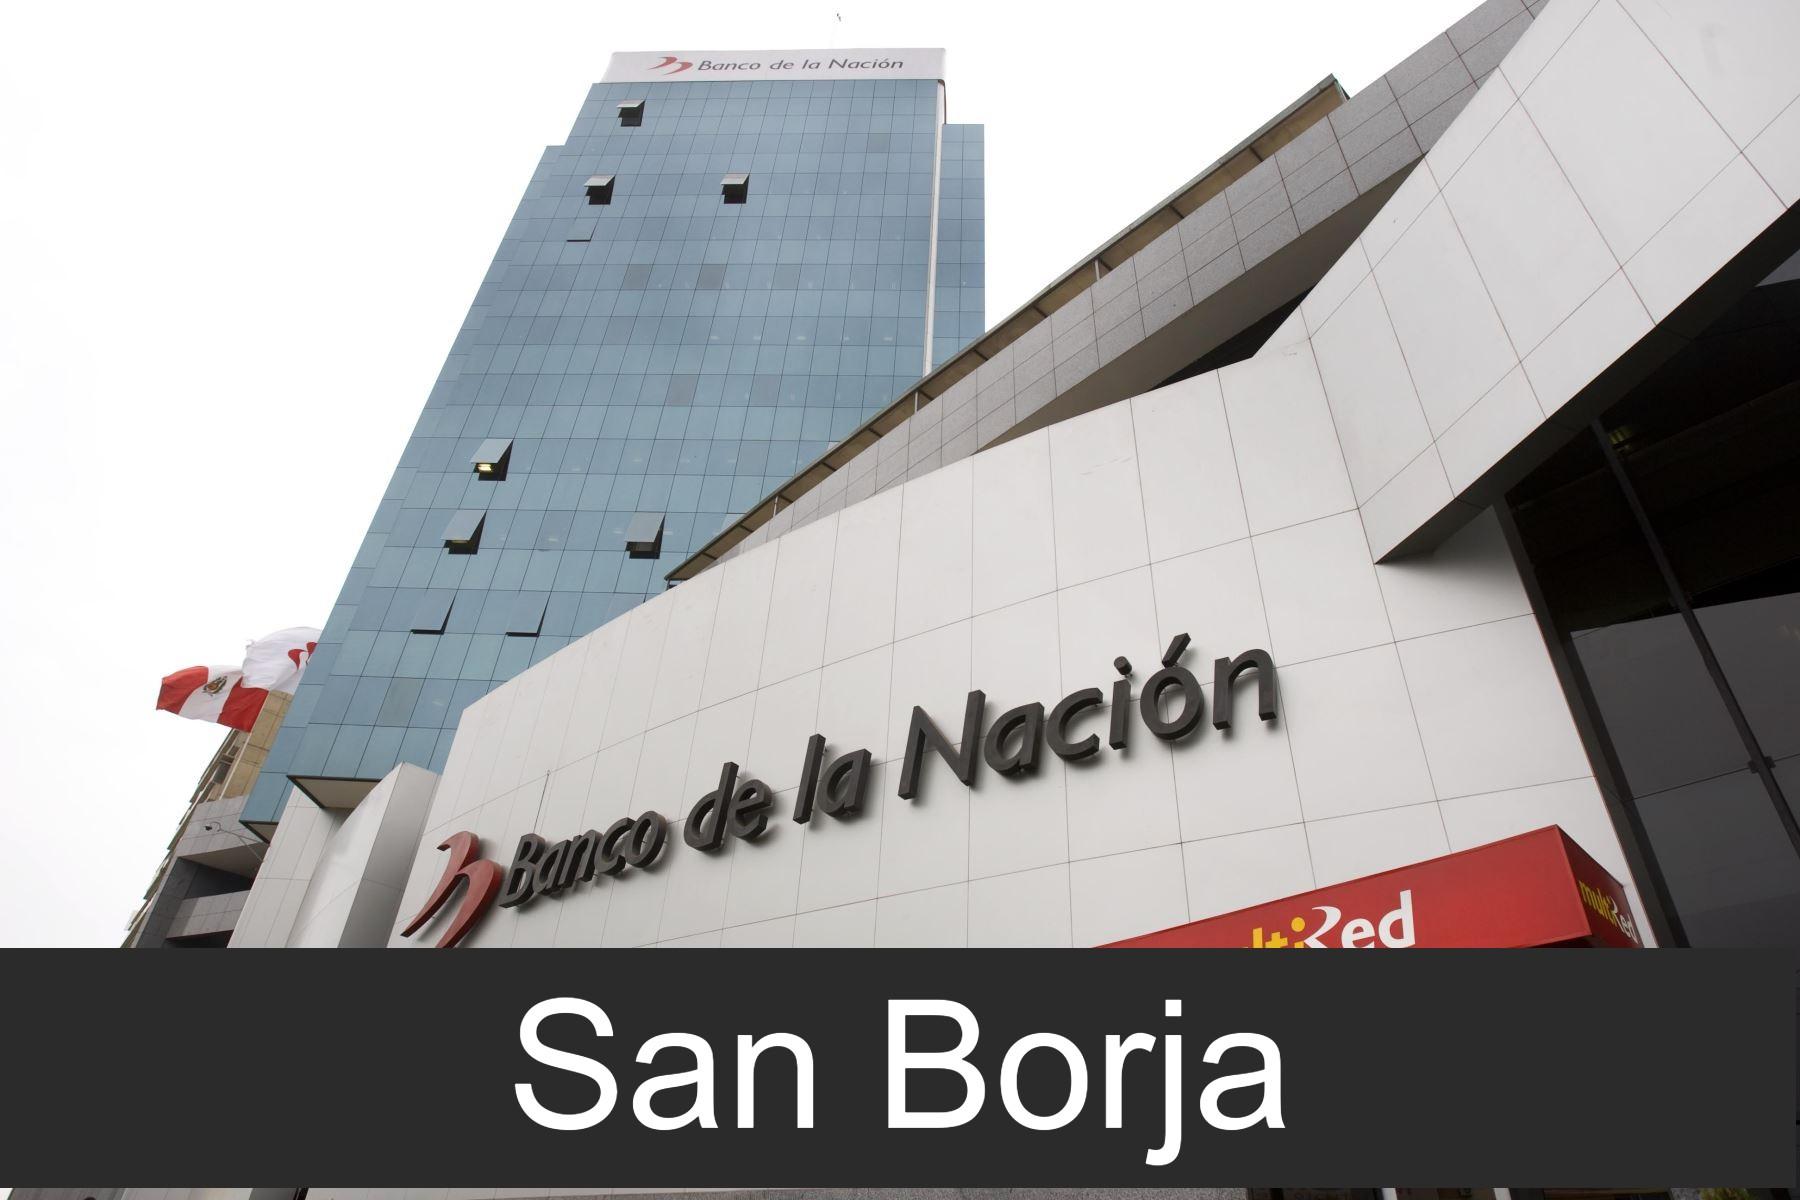 banco de la nacion en San Borja